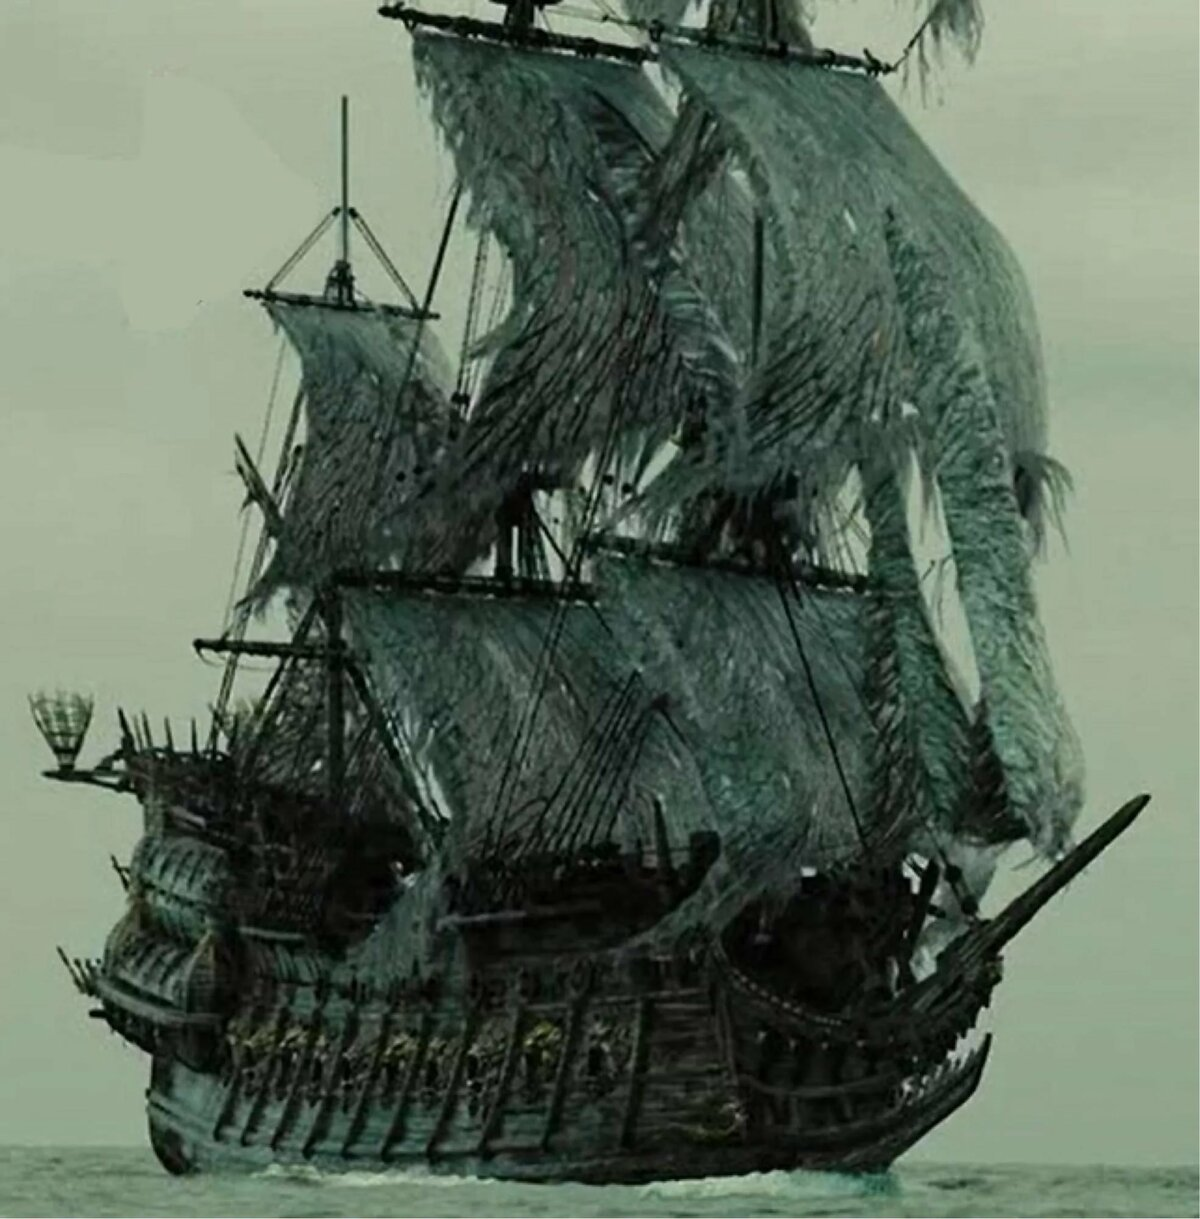 прогрессирует картинка пираты карибского моря летучий голландец образ пользуется огромной